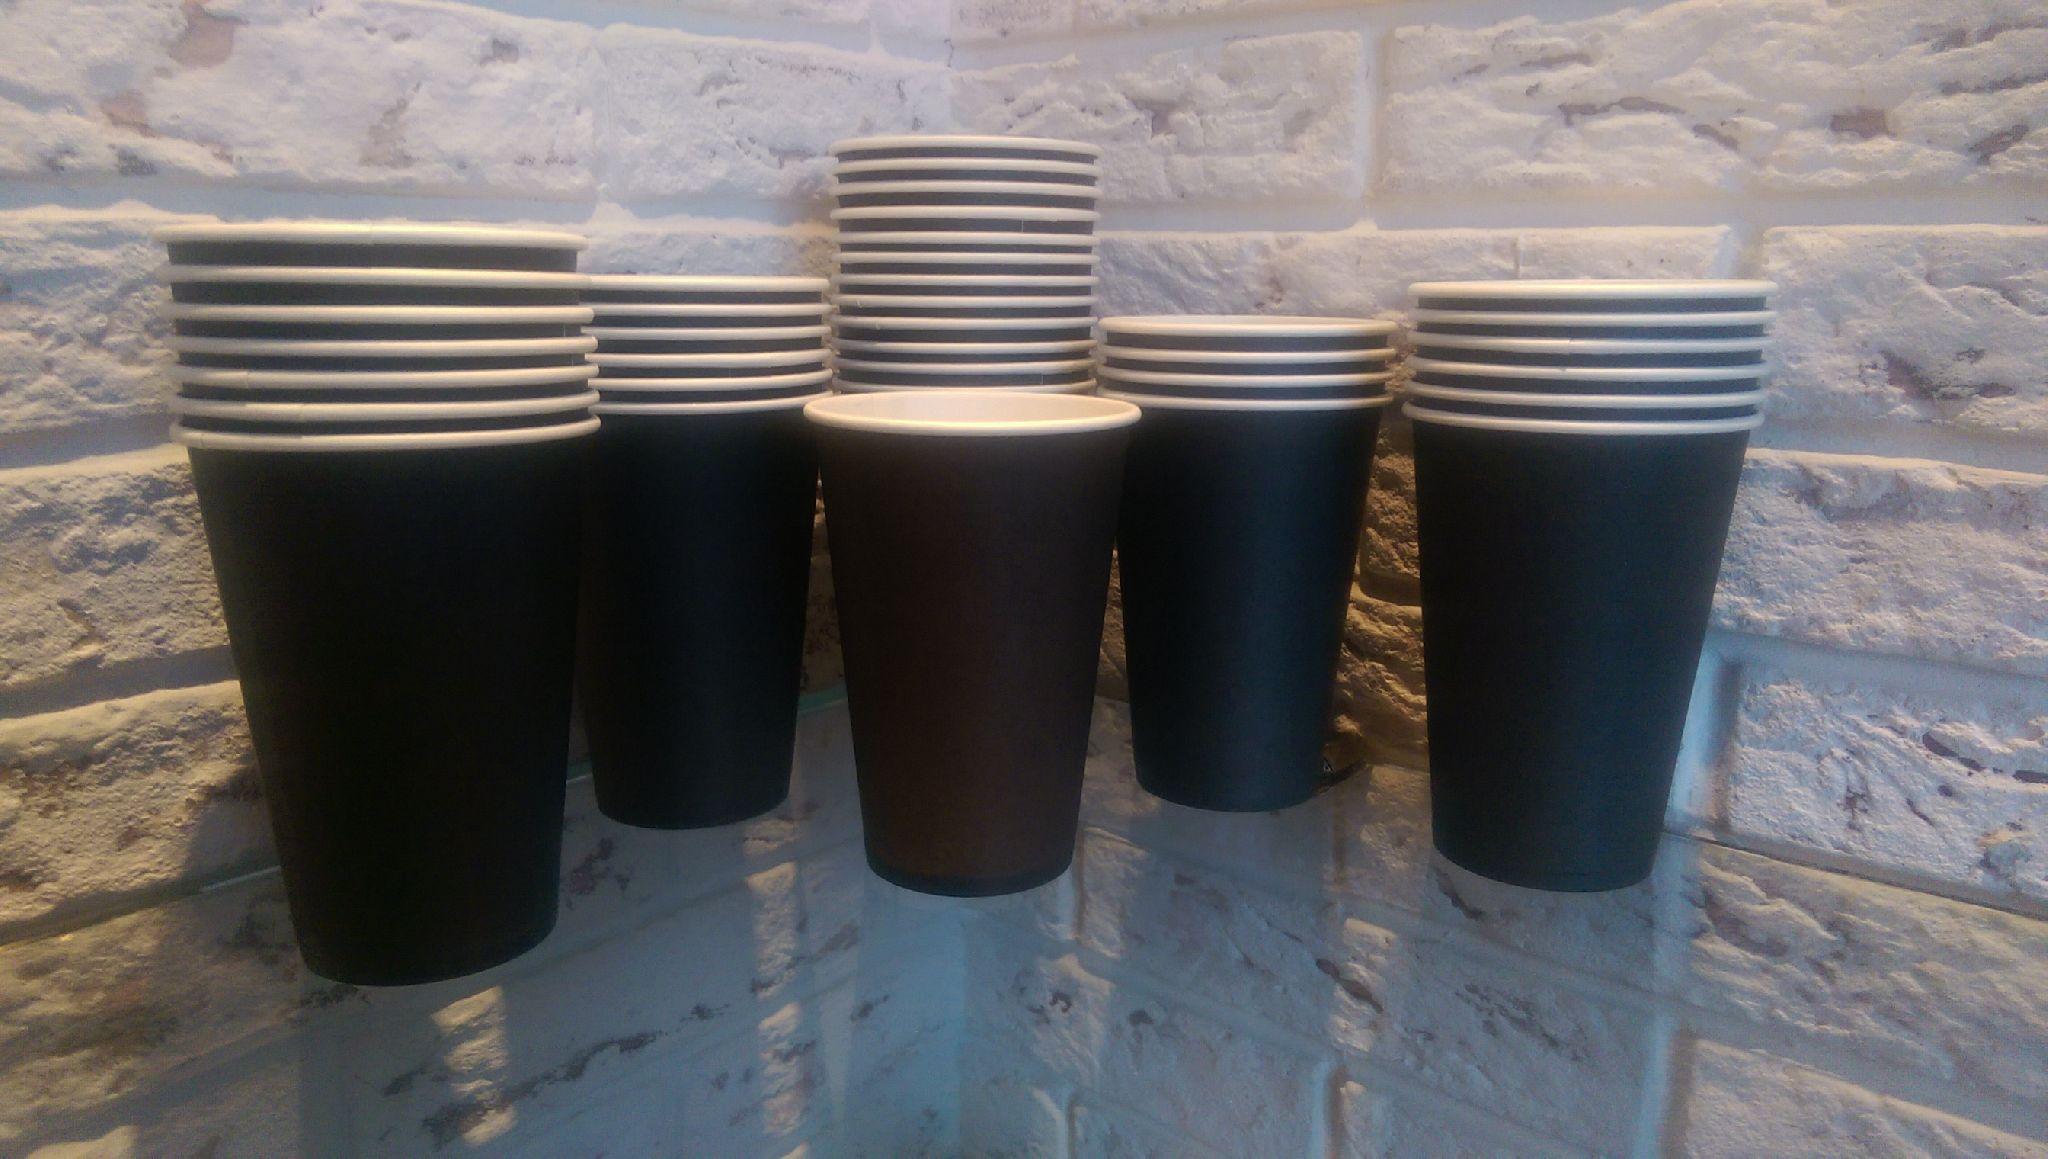 Чашки KeepCup (КипКап) - удобная термокружка с крышкой